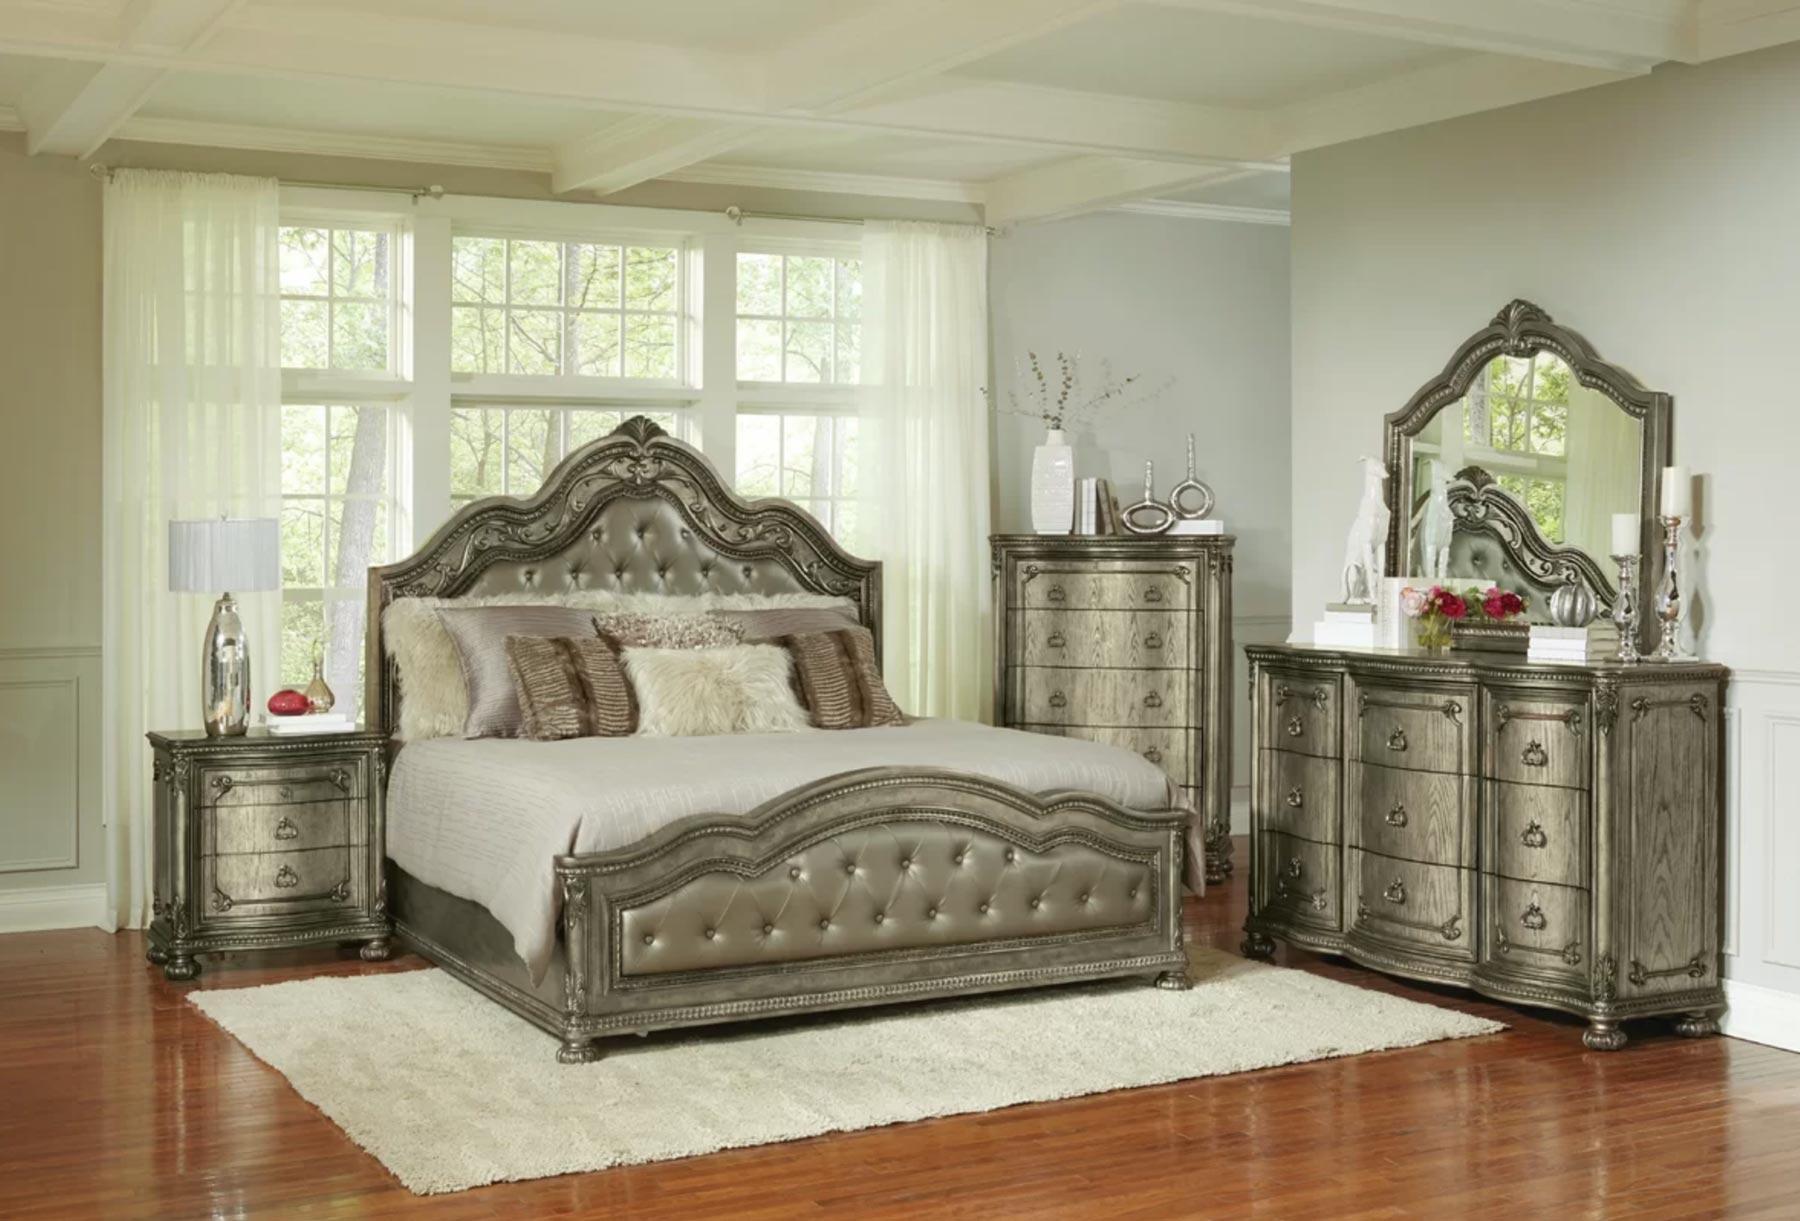 Seville bedroom furniture